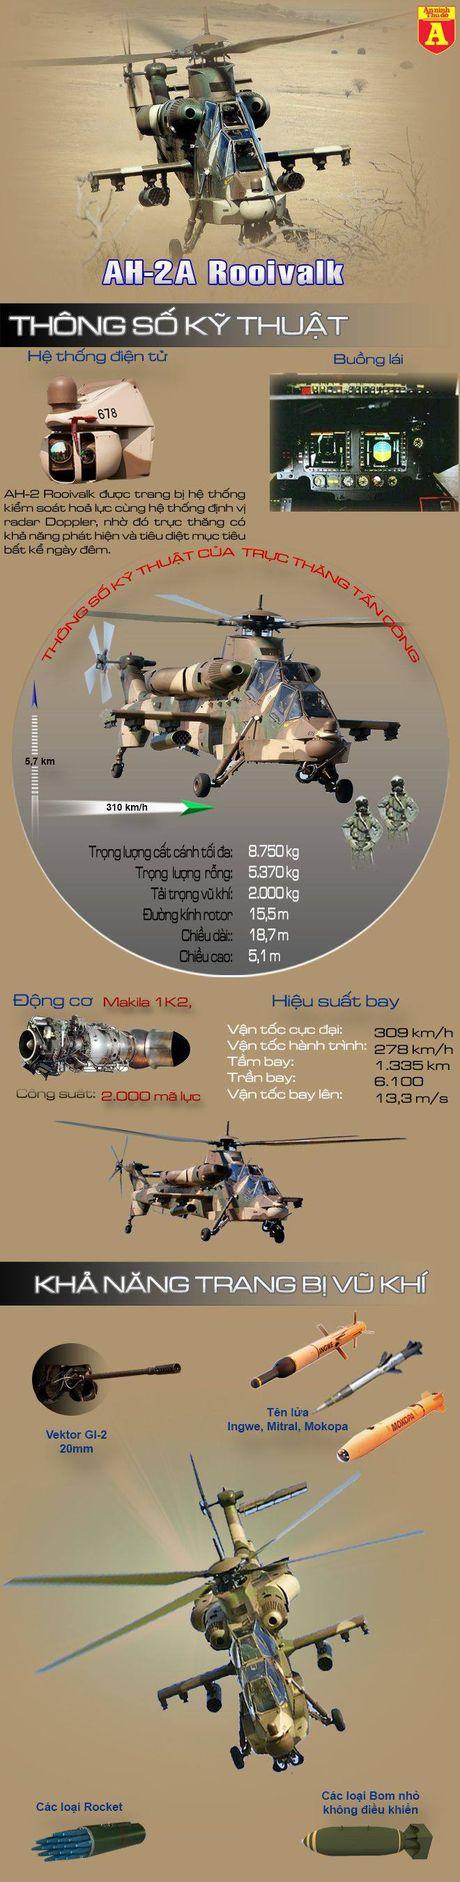 AH-2 Rooivalk - Sieu truc thang chien dau den tu Nam Phi - Anh 2